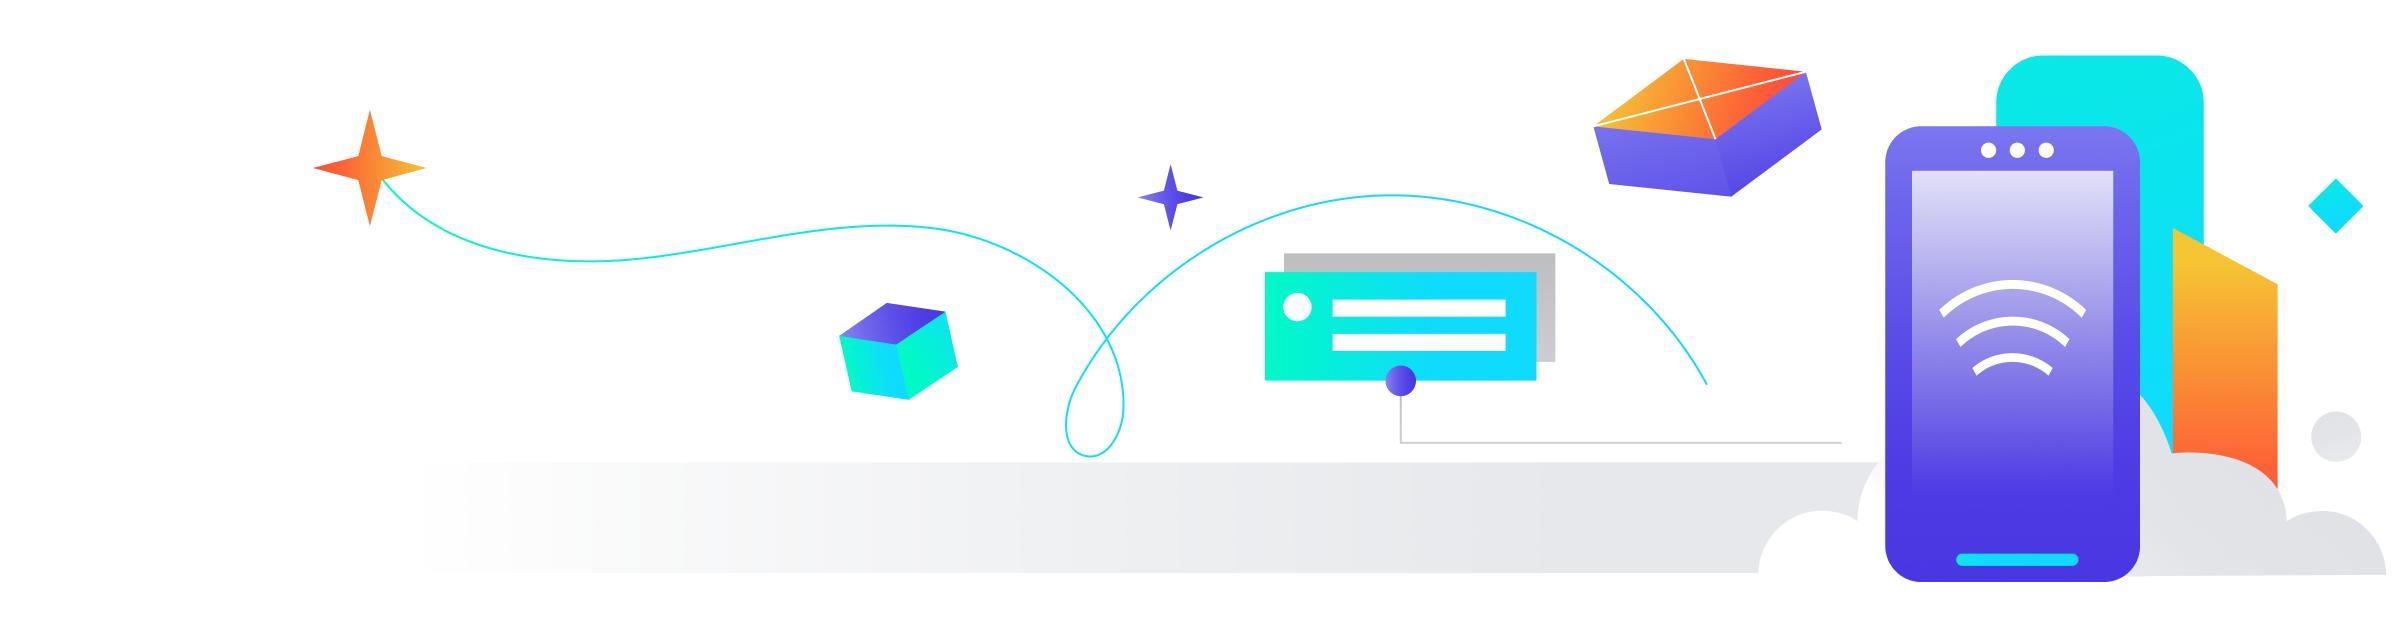 API monetization illustration